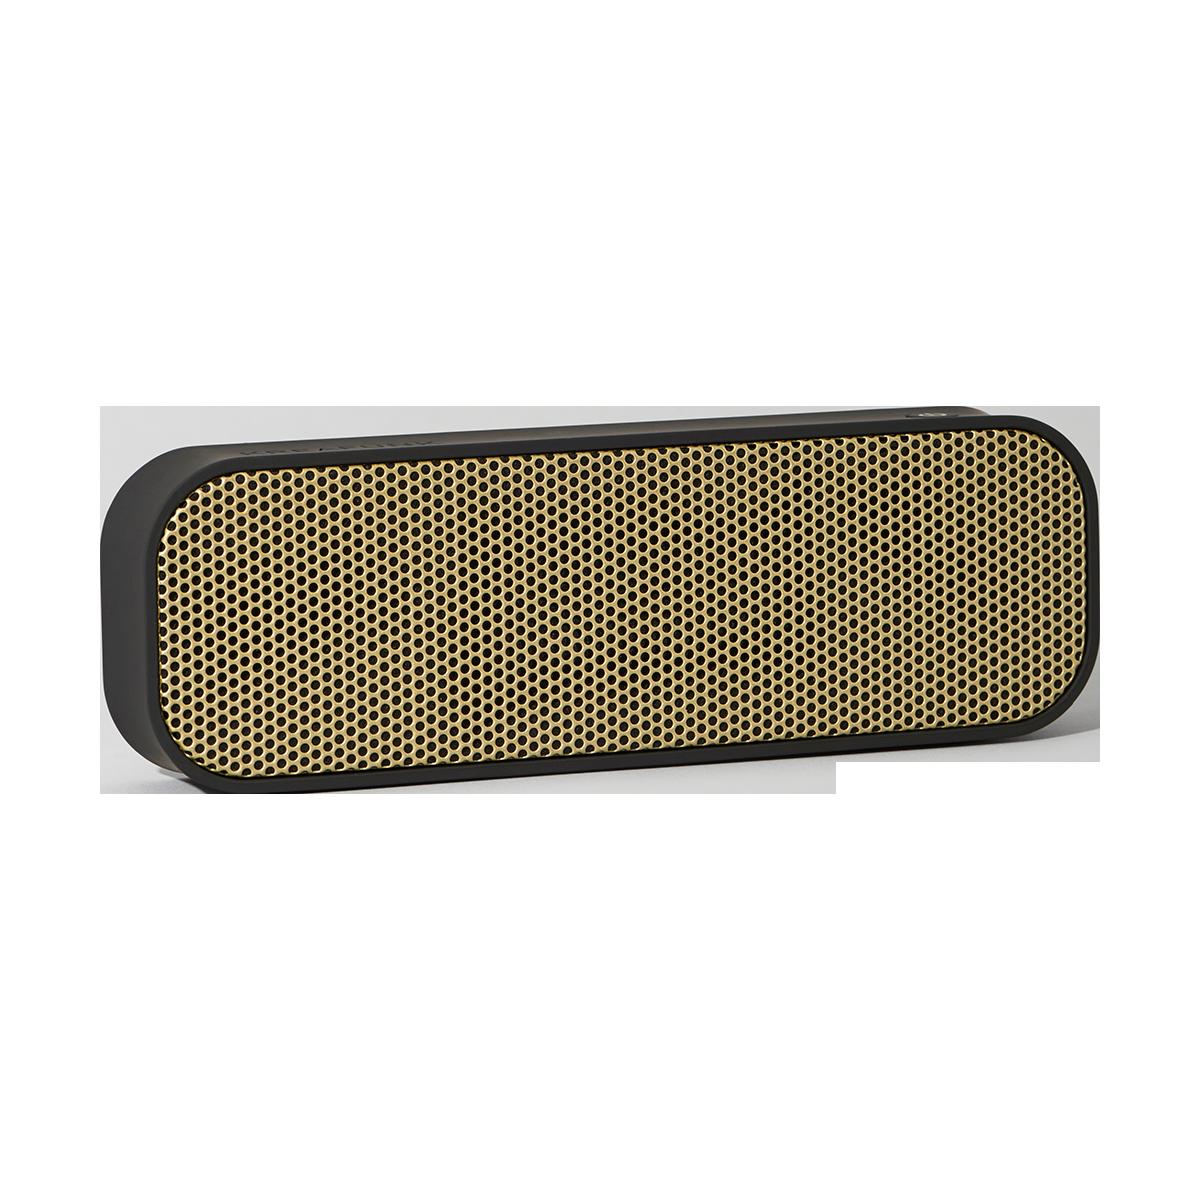 Kreafunk - aGroove Speaker - Black (kfdz52)